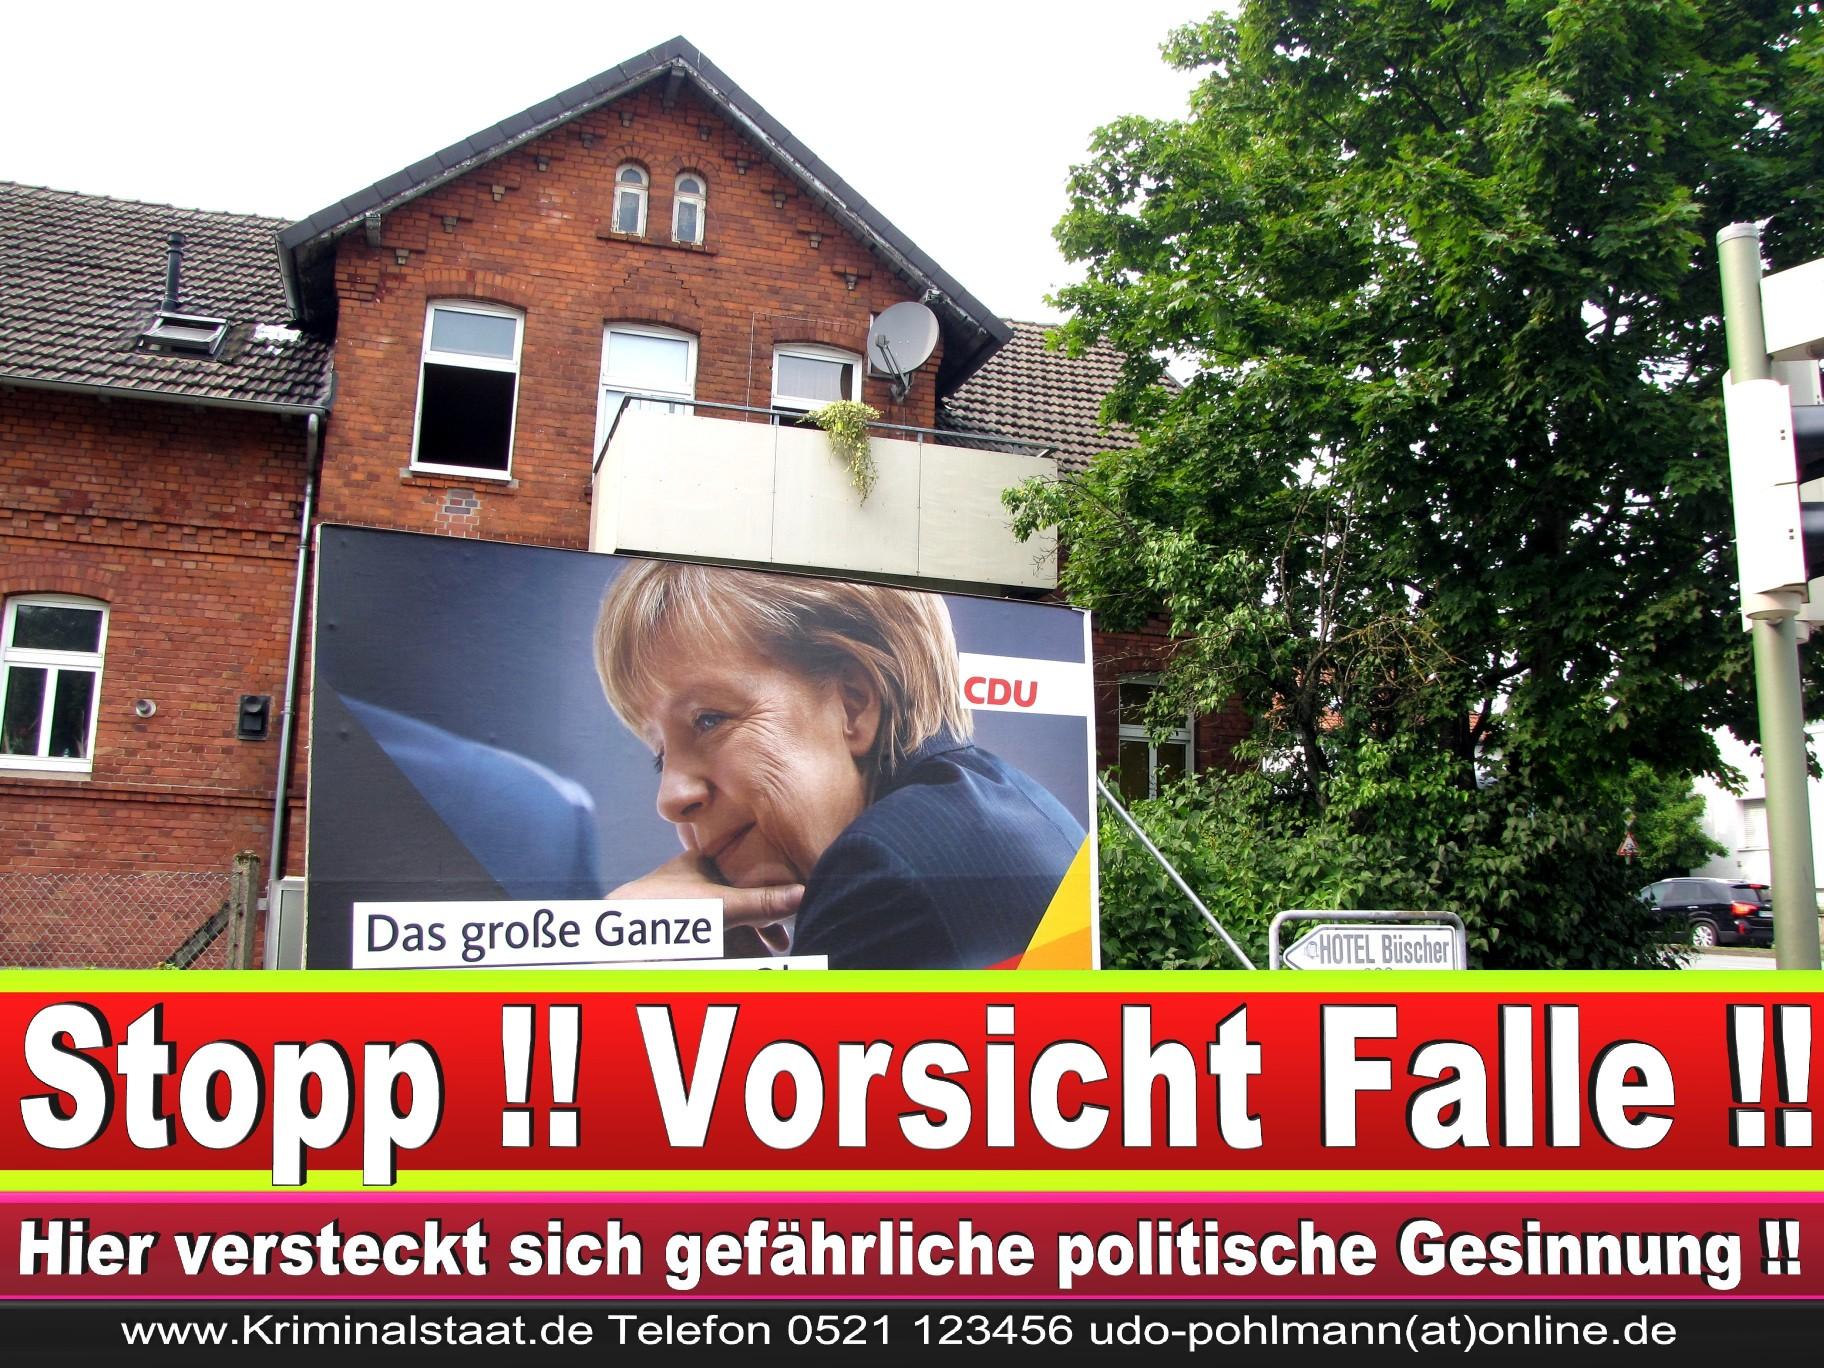 Wahlwerbung Wahlplakate Landtagswahl 2019 Europawahl CDU SPD FDP 2021 (85)